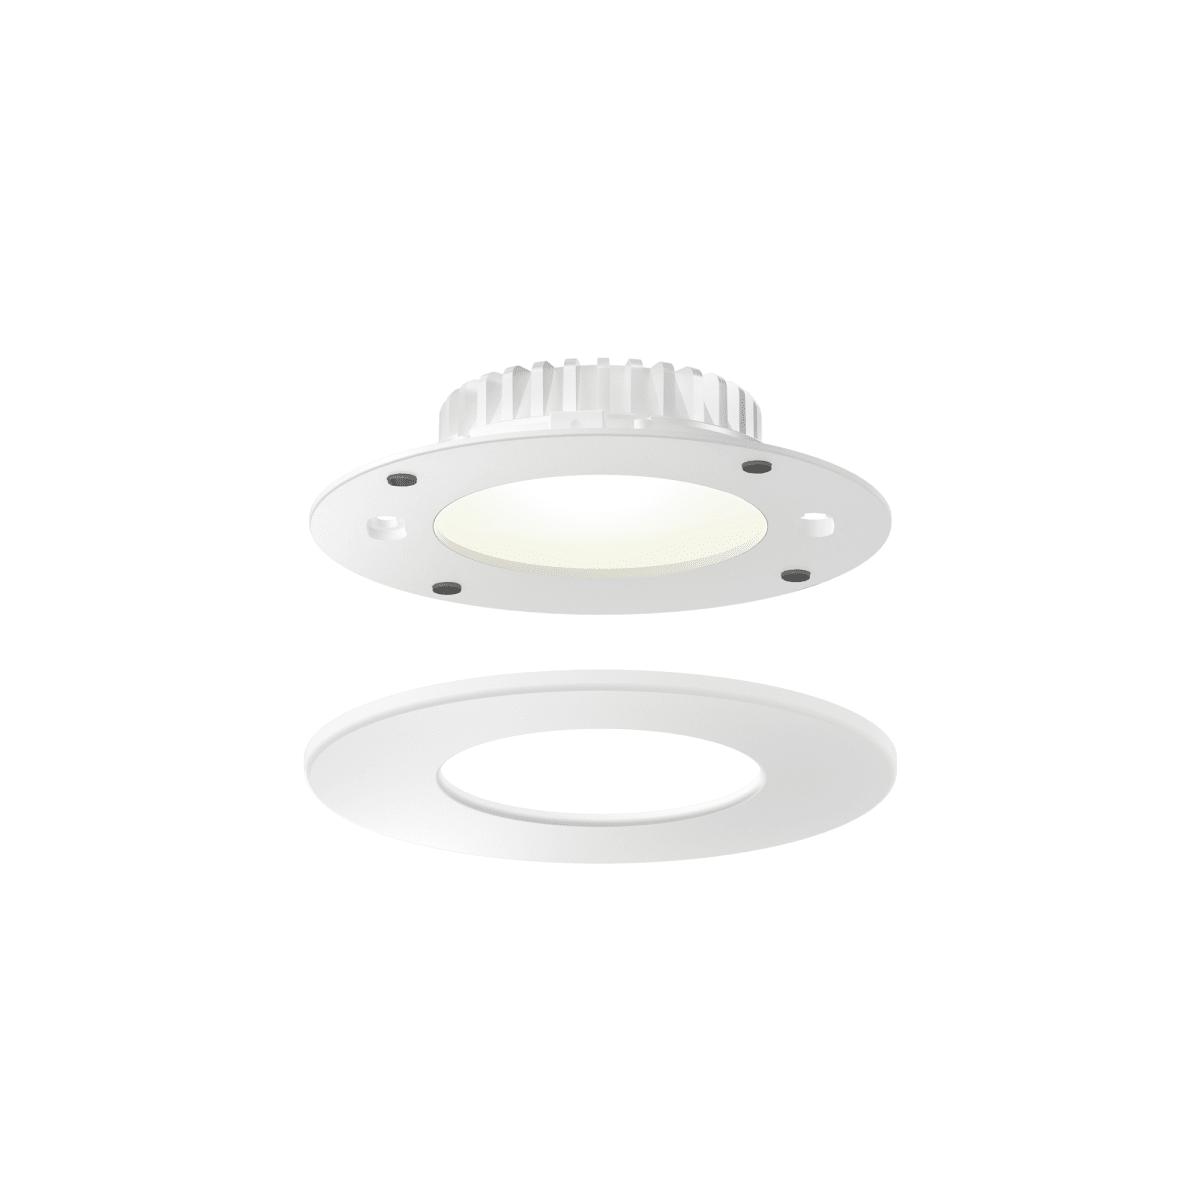 dals lighting rtf4 3k